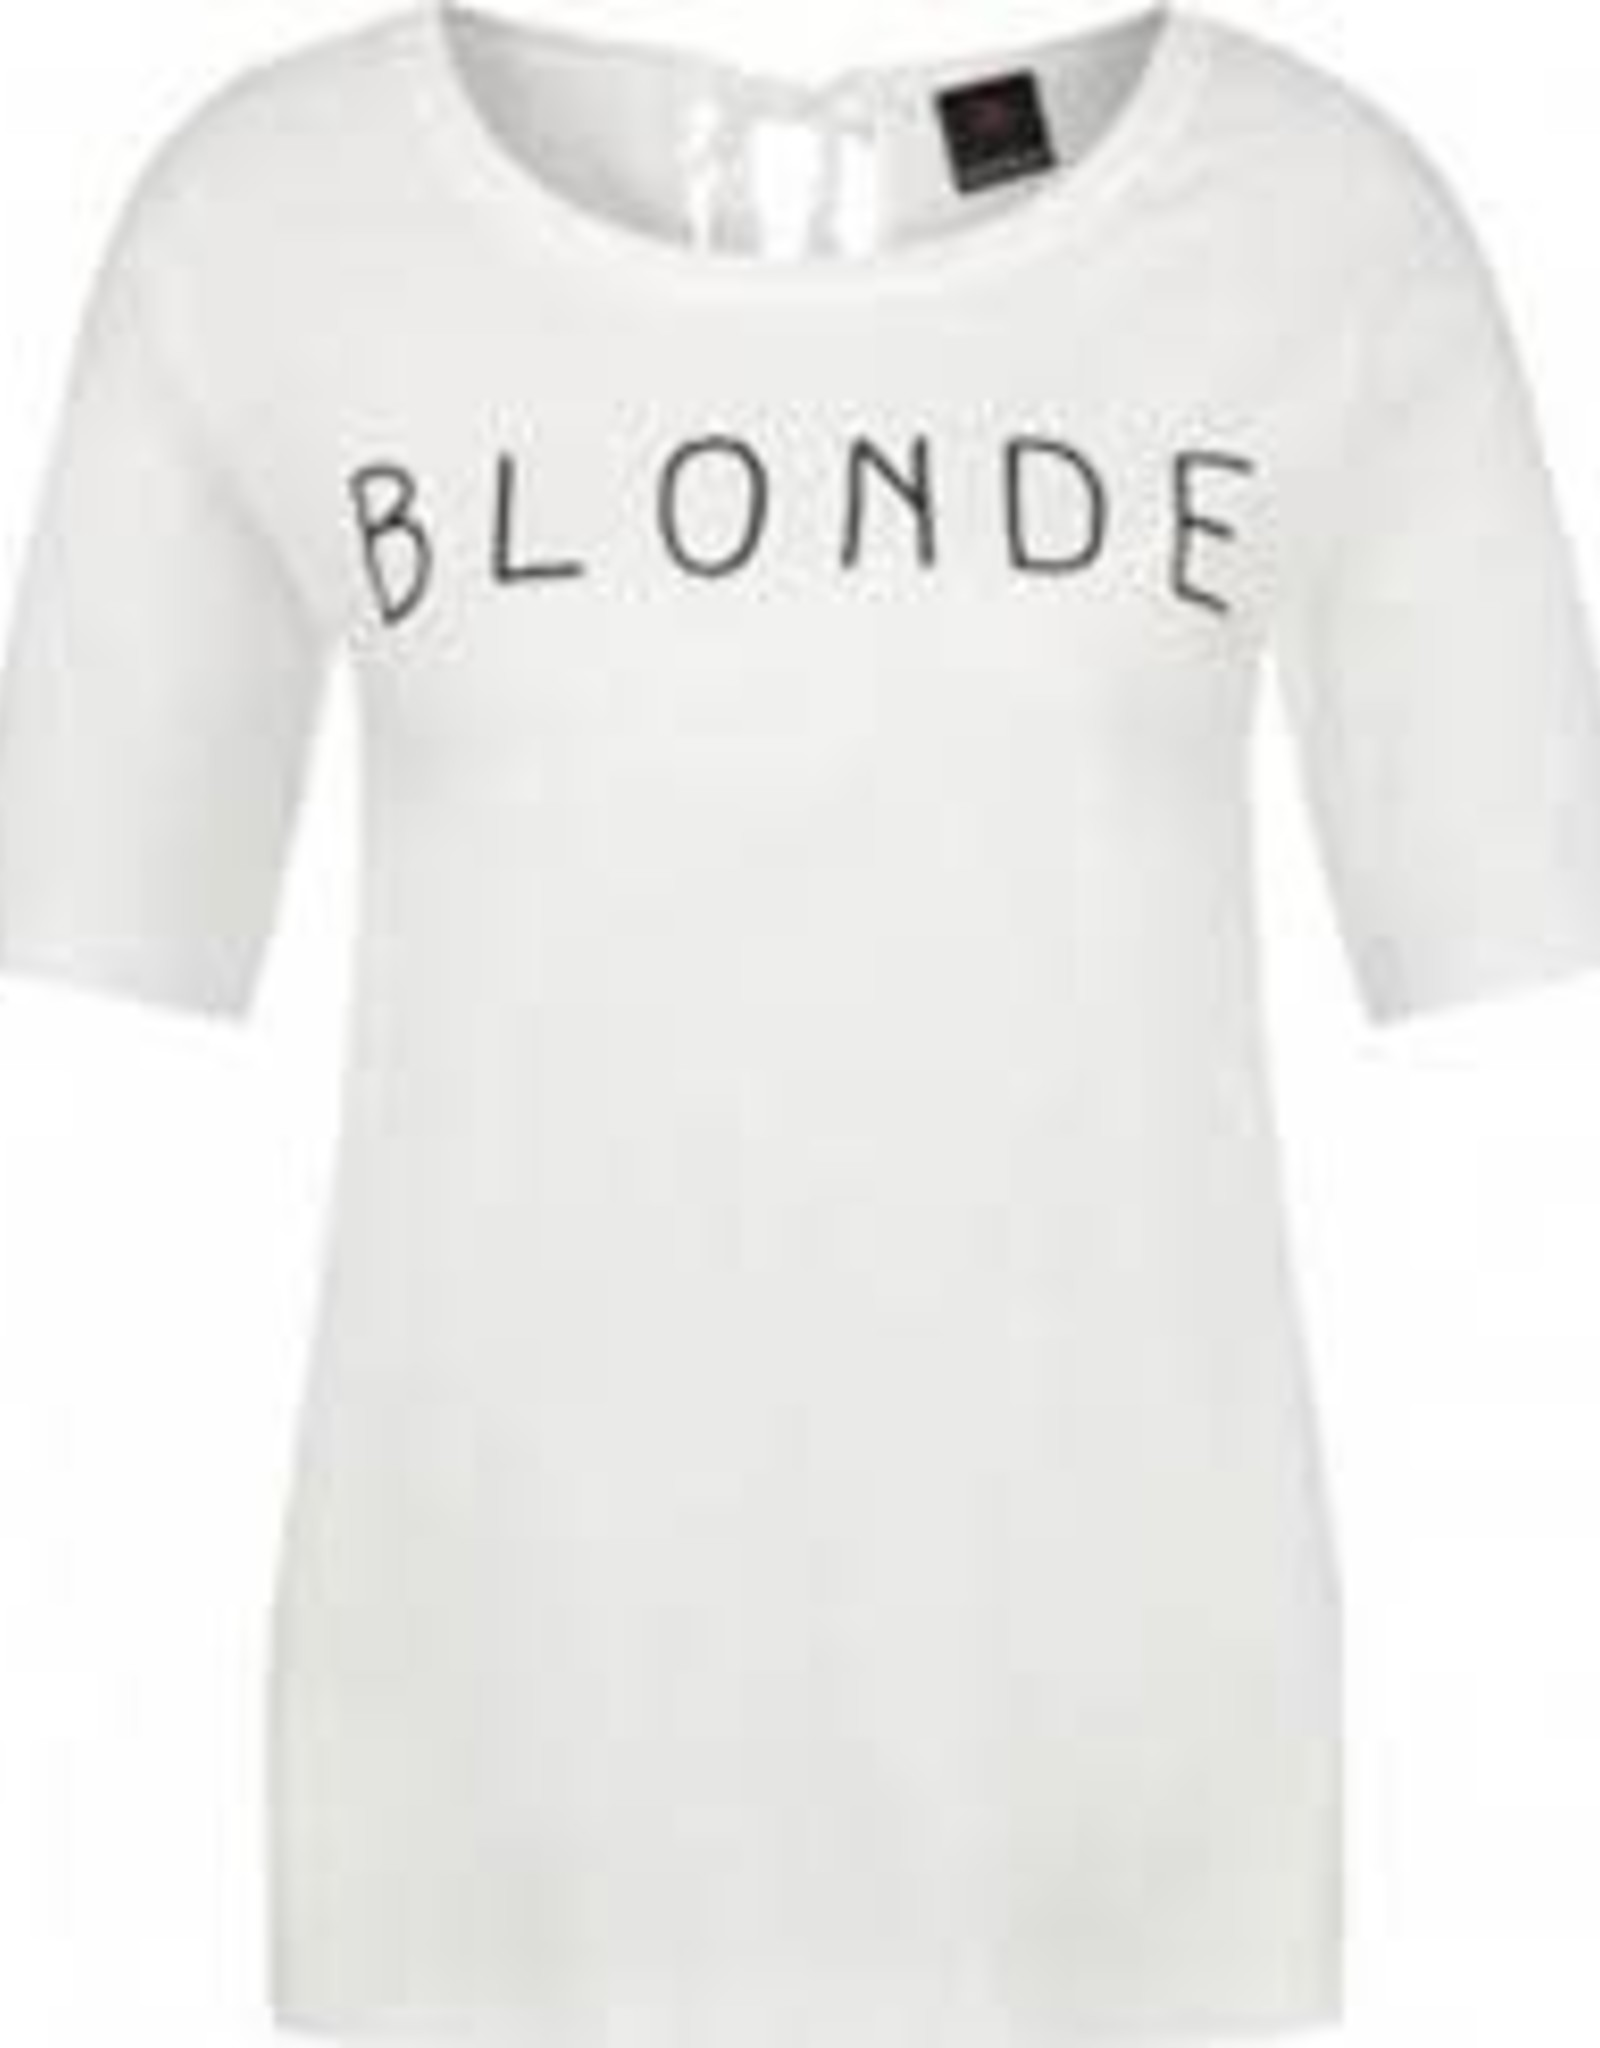 Penn & Ink N.Y. T-Shirt Blonde